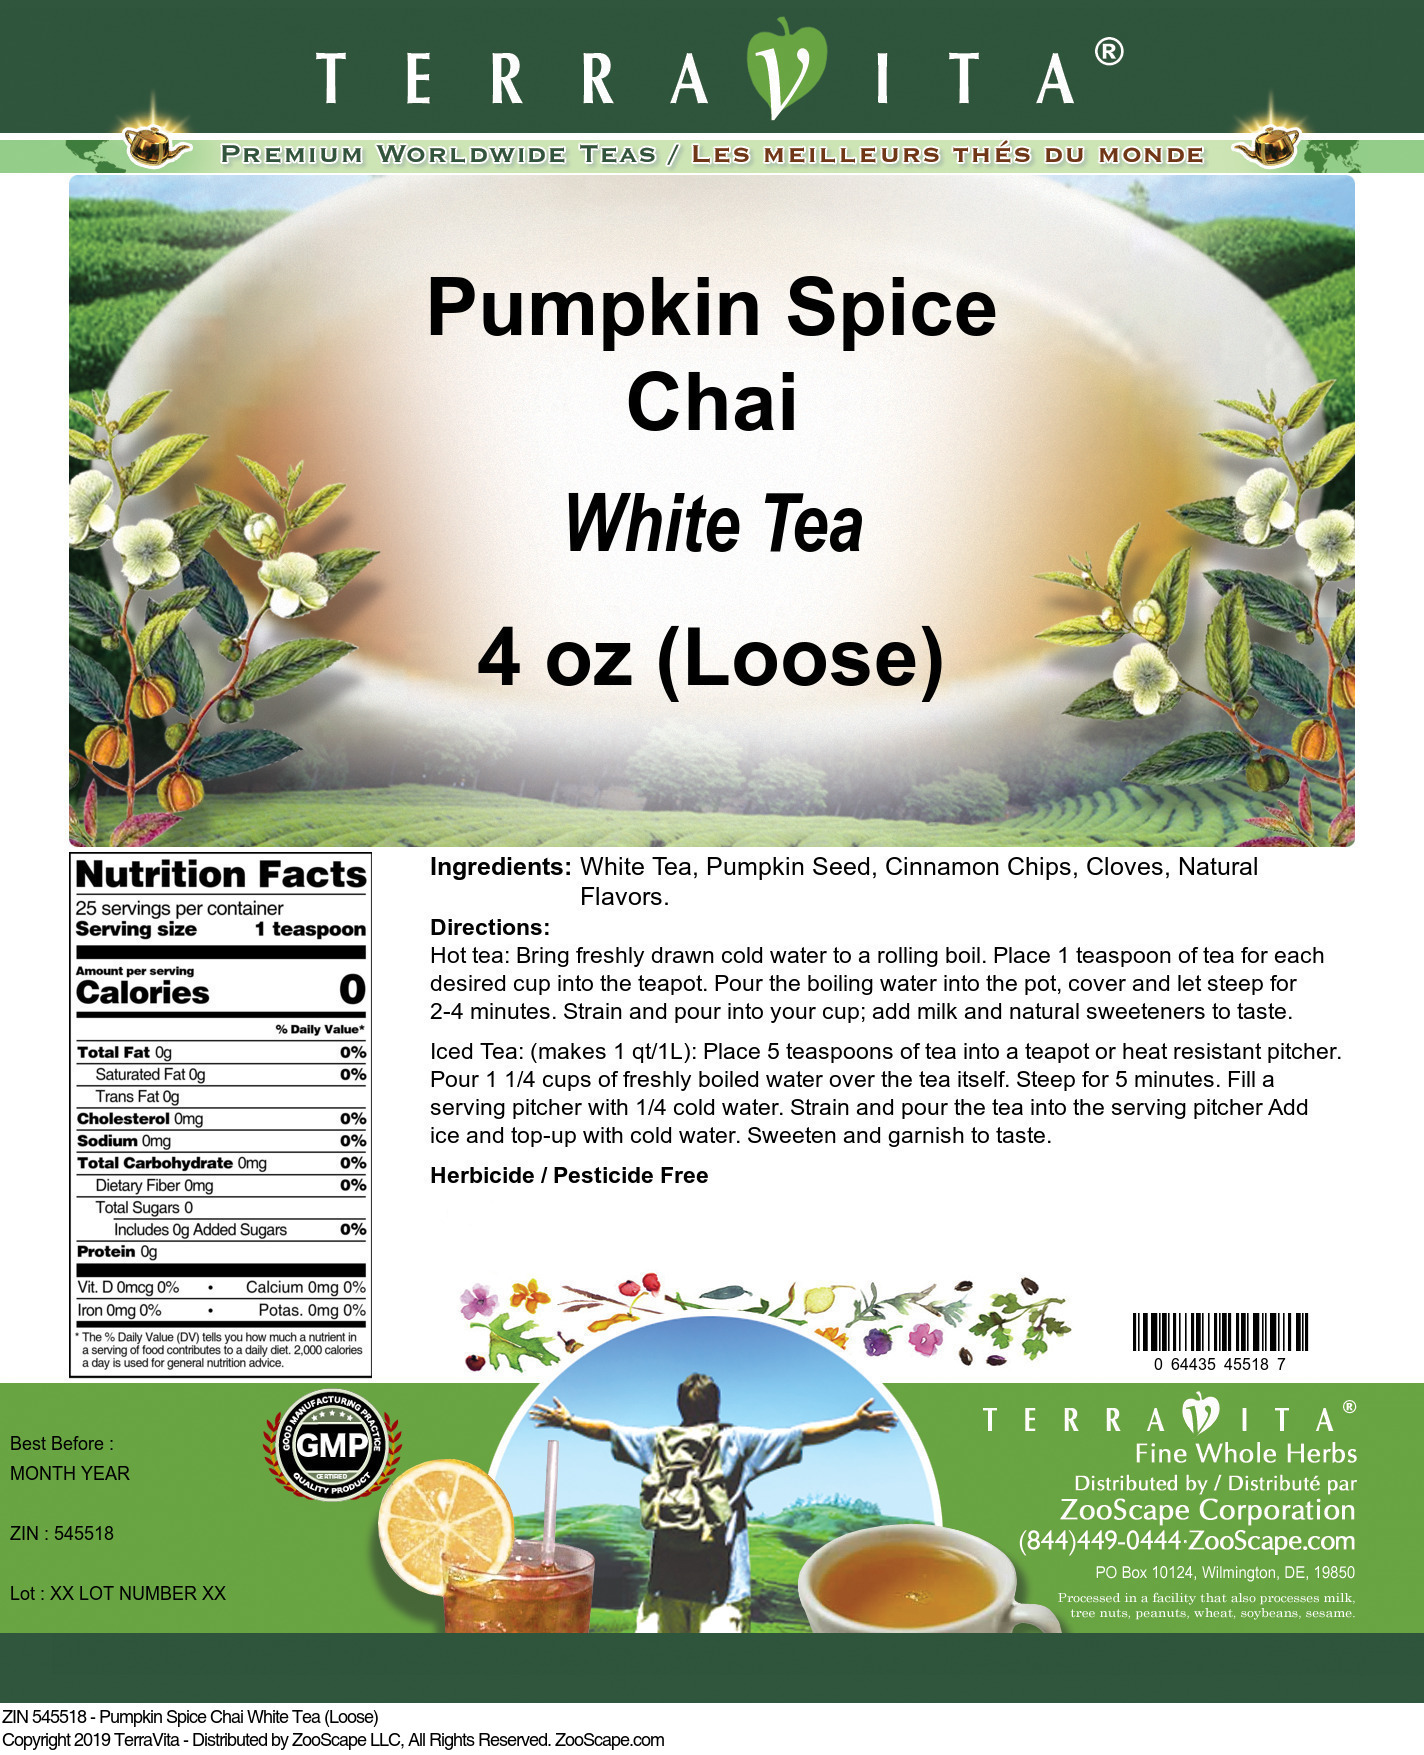 Pumpkin Spice Chai White Tea